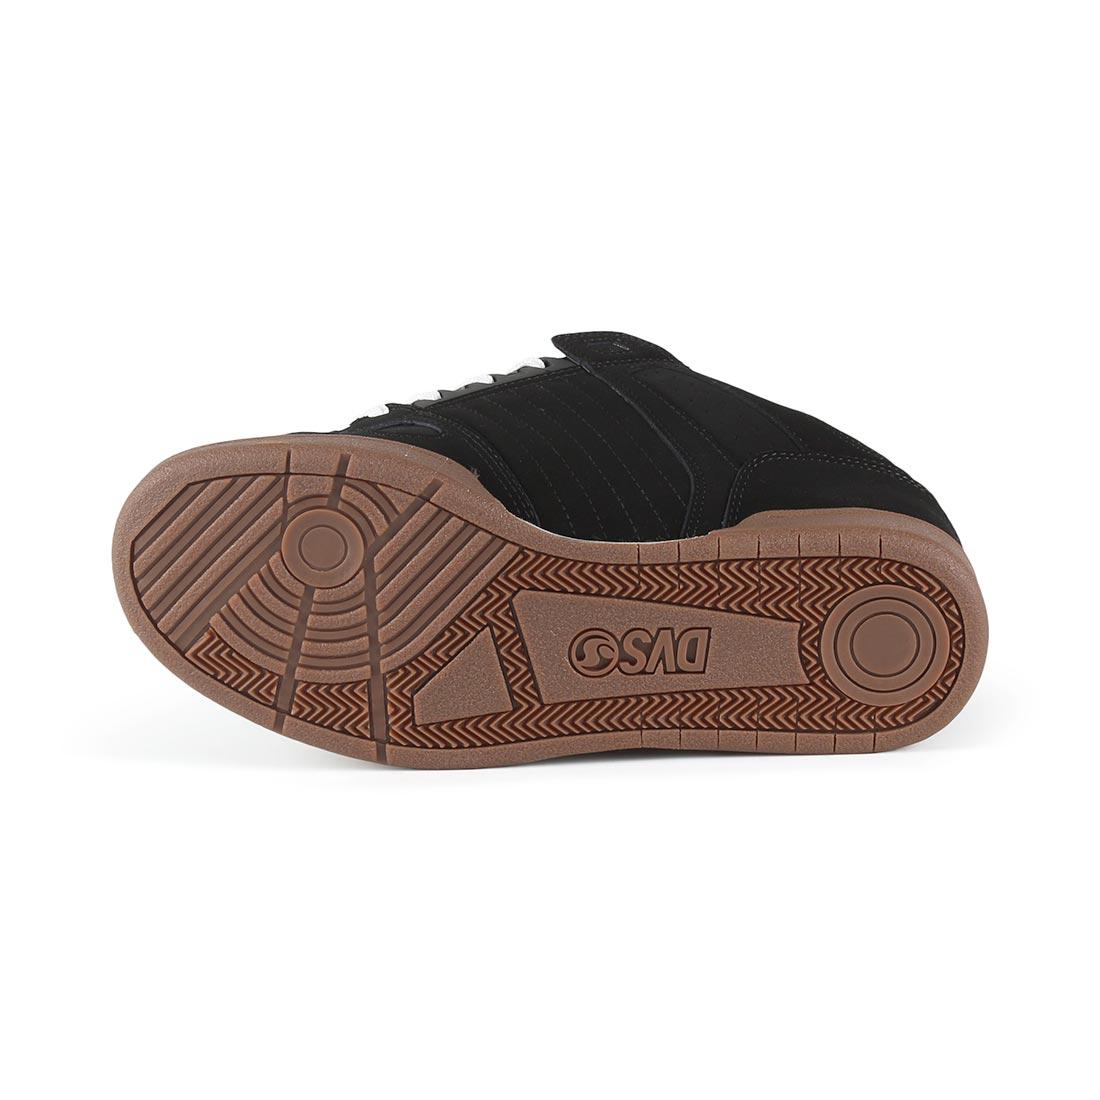 DVS Celsius Shoes - Black / White / Gum